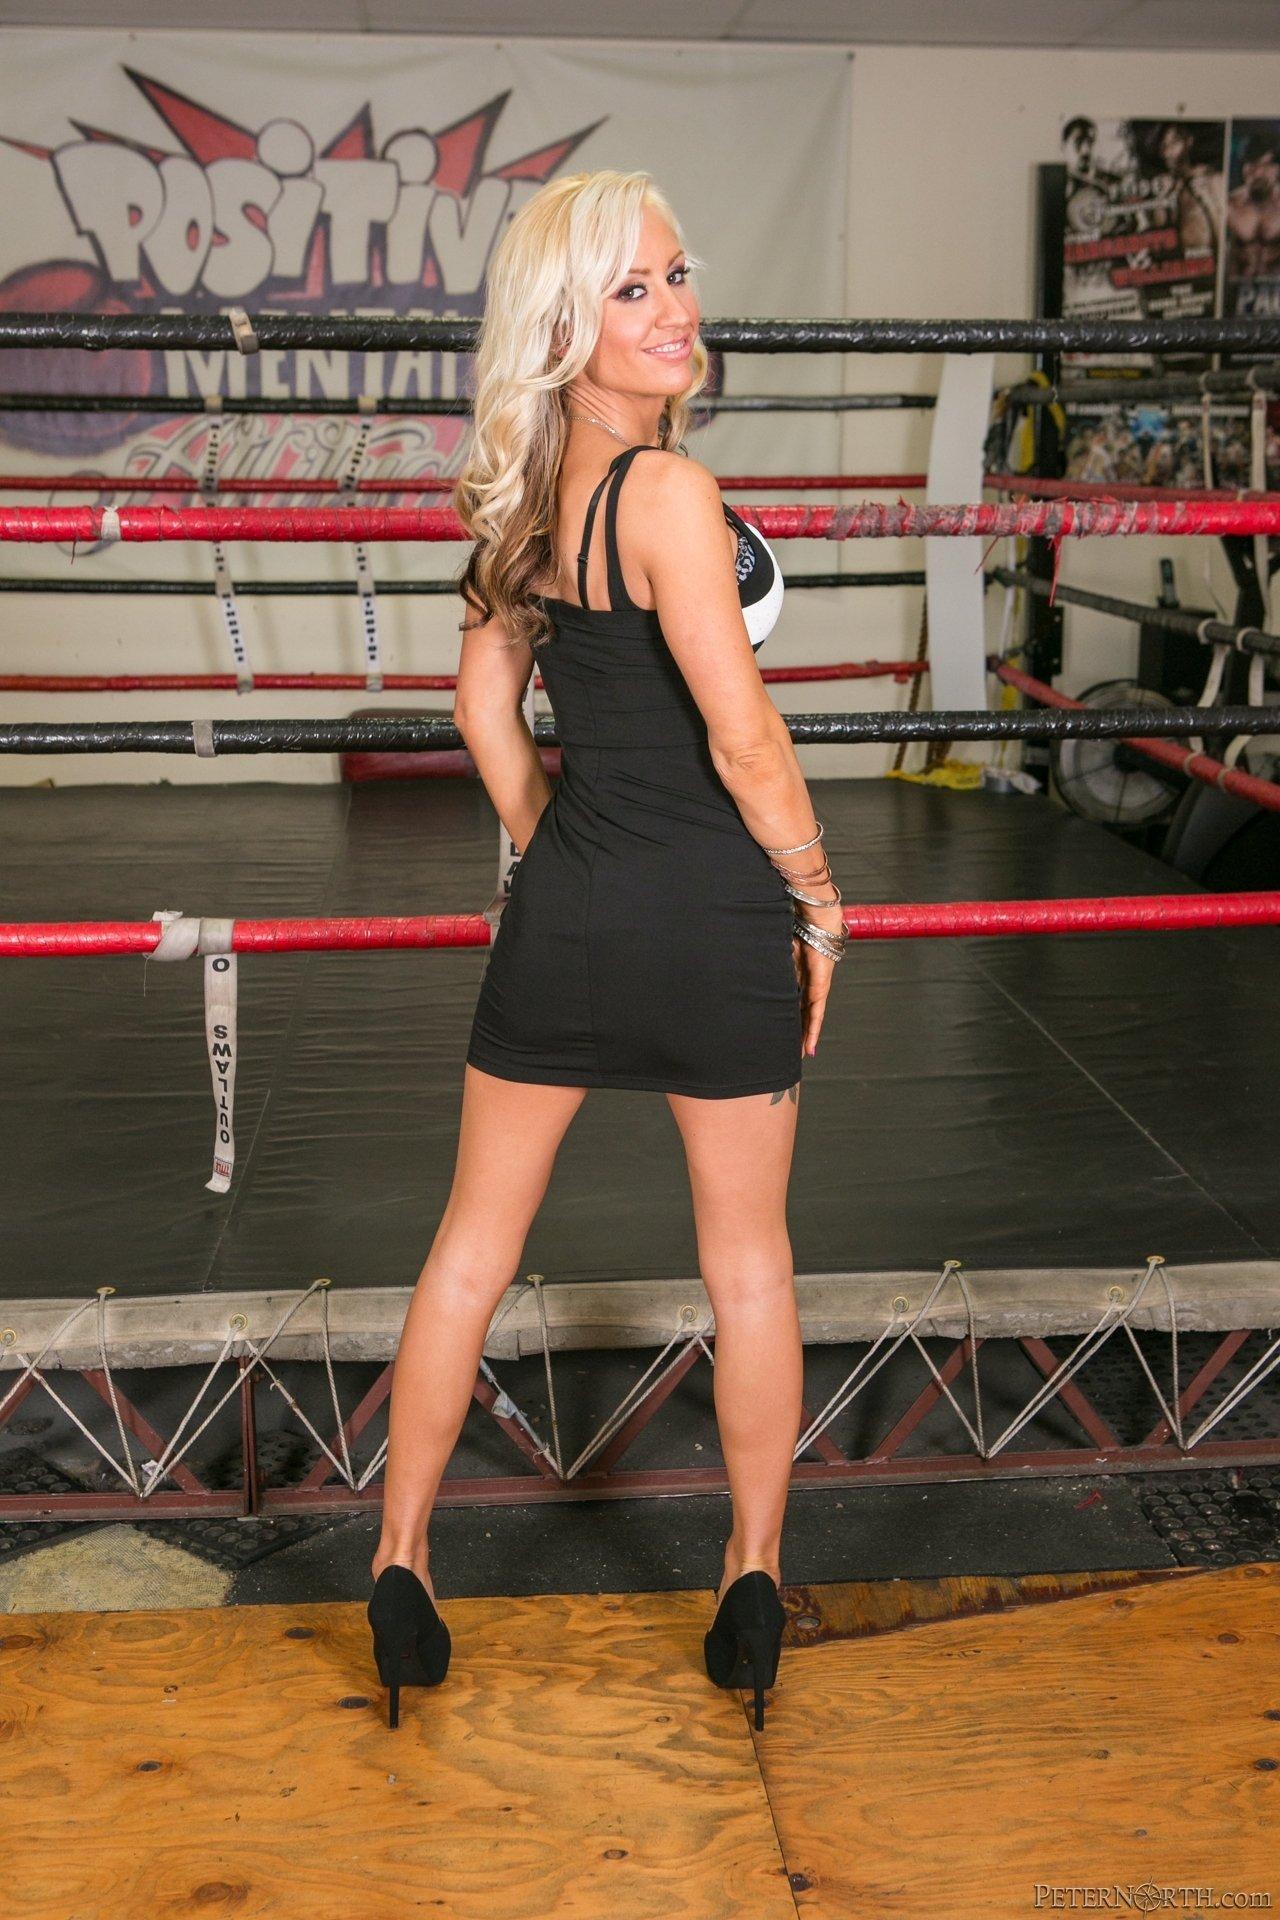 Татуированная блондинка оголилась на боксерском ринге